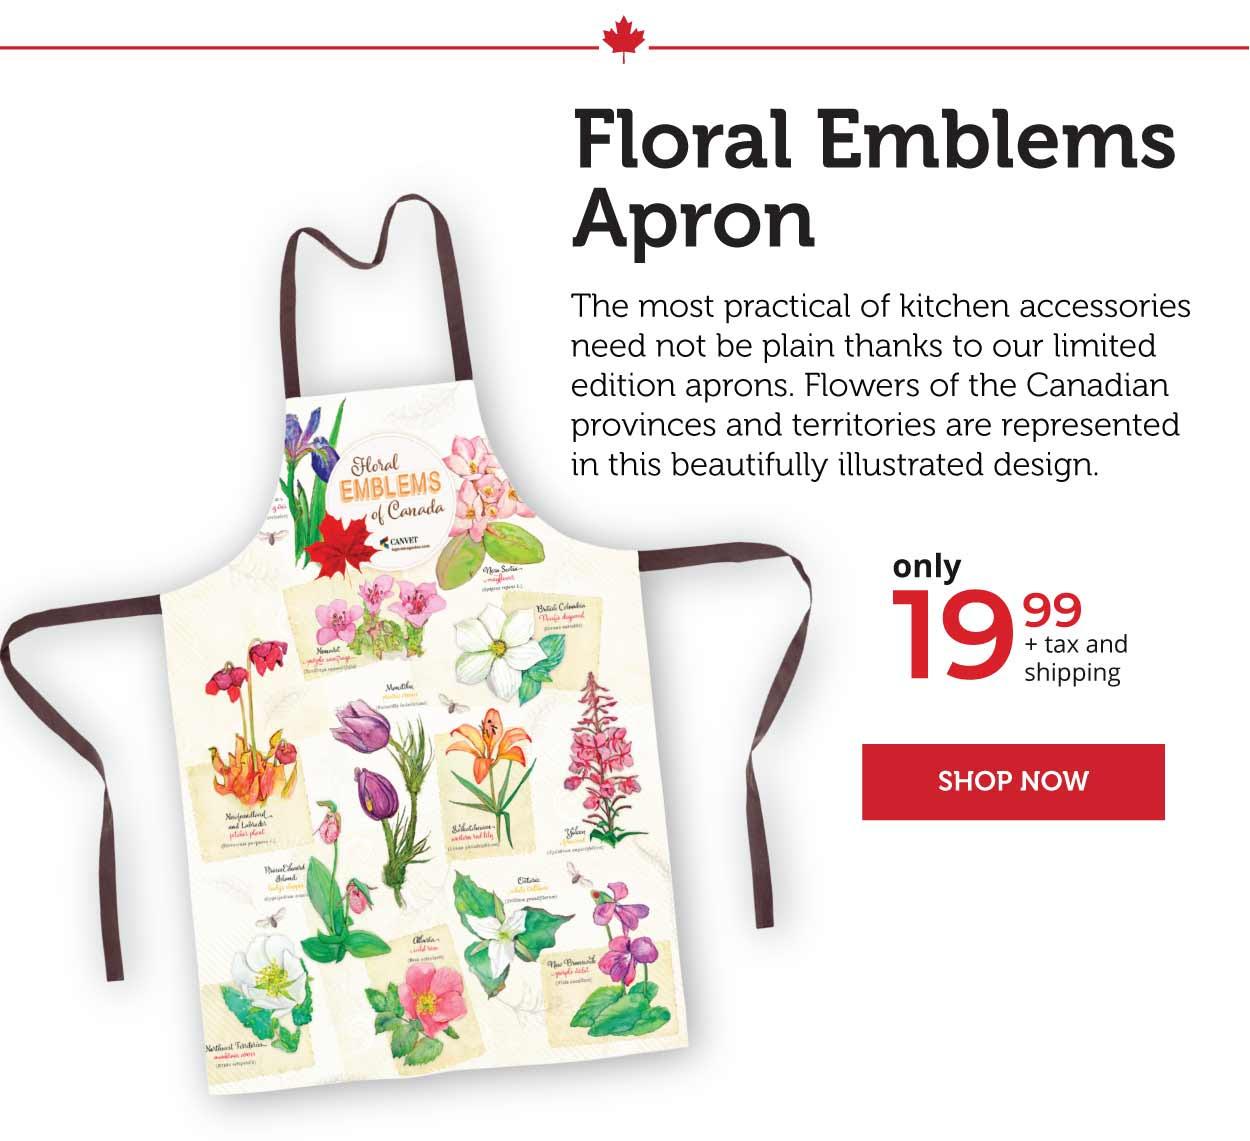 Floral Emblems Apron